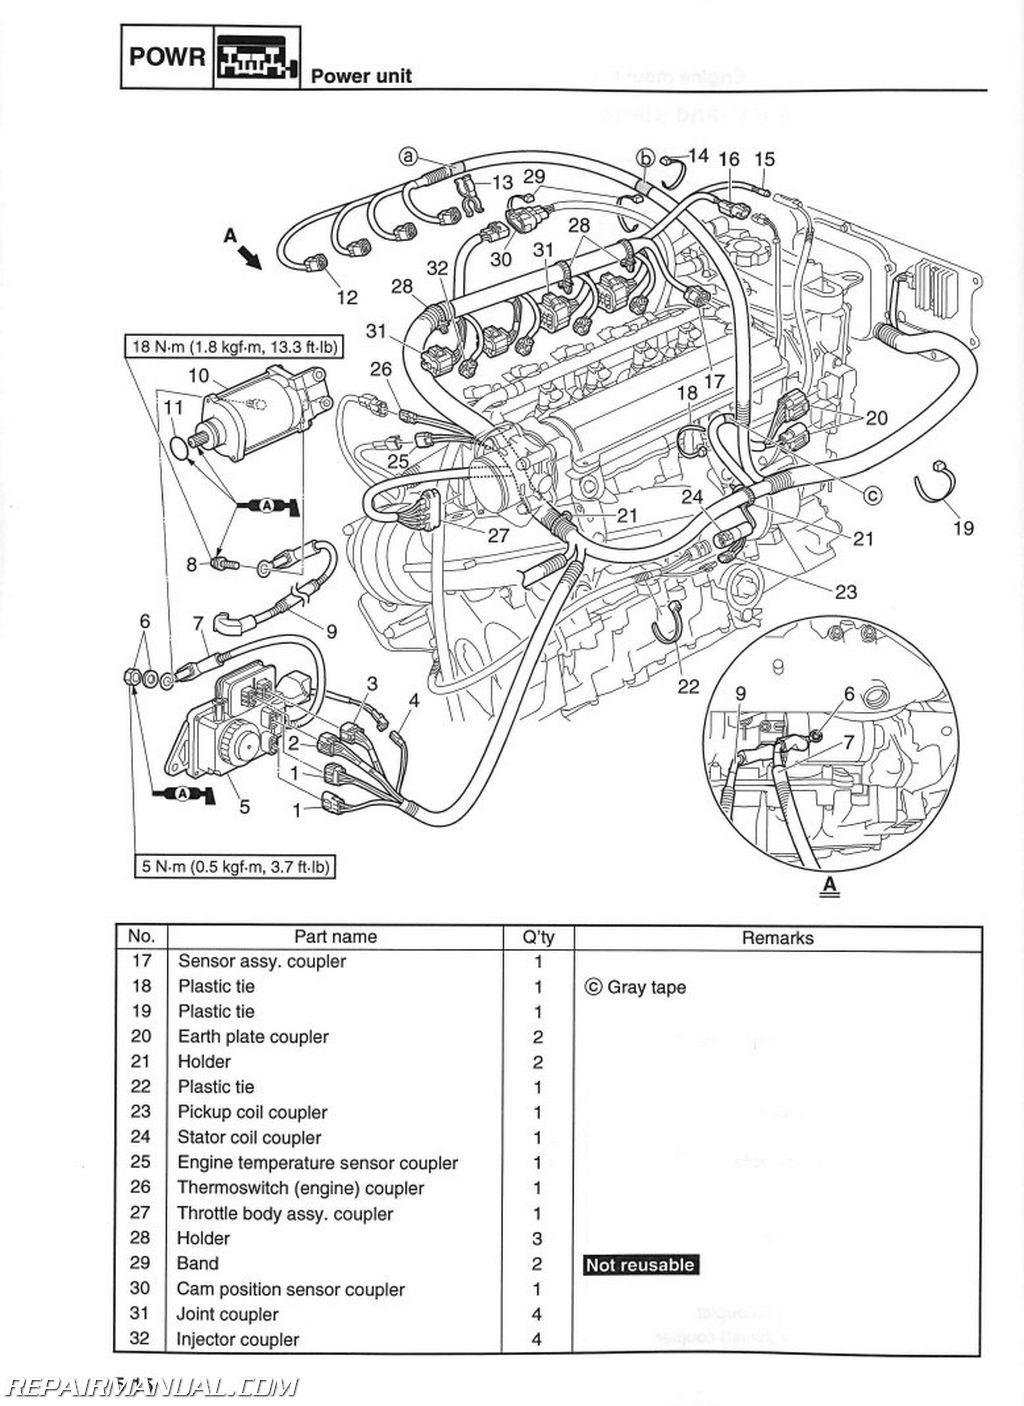 2005 crf50 wiring diagram john deere l120 automatic honda trx450r suzuki lt500